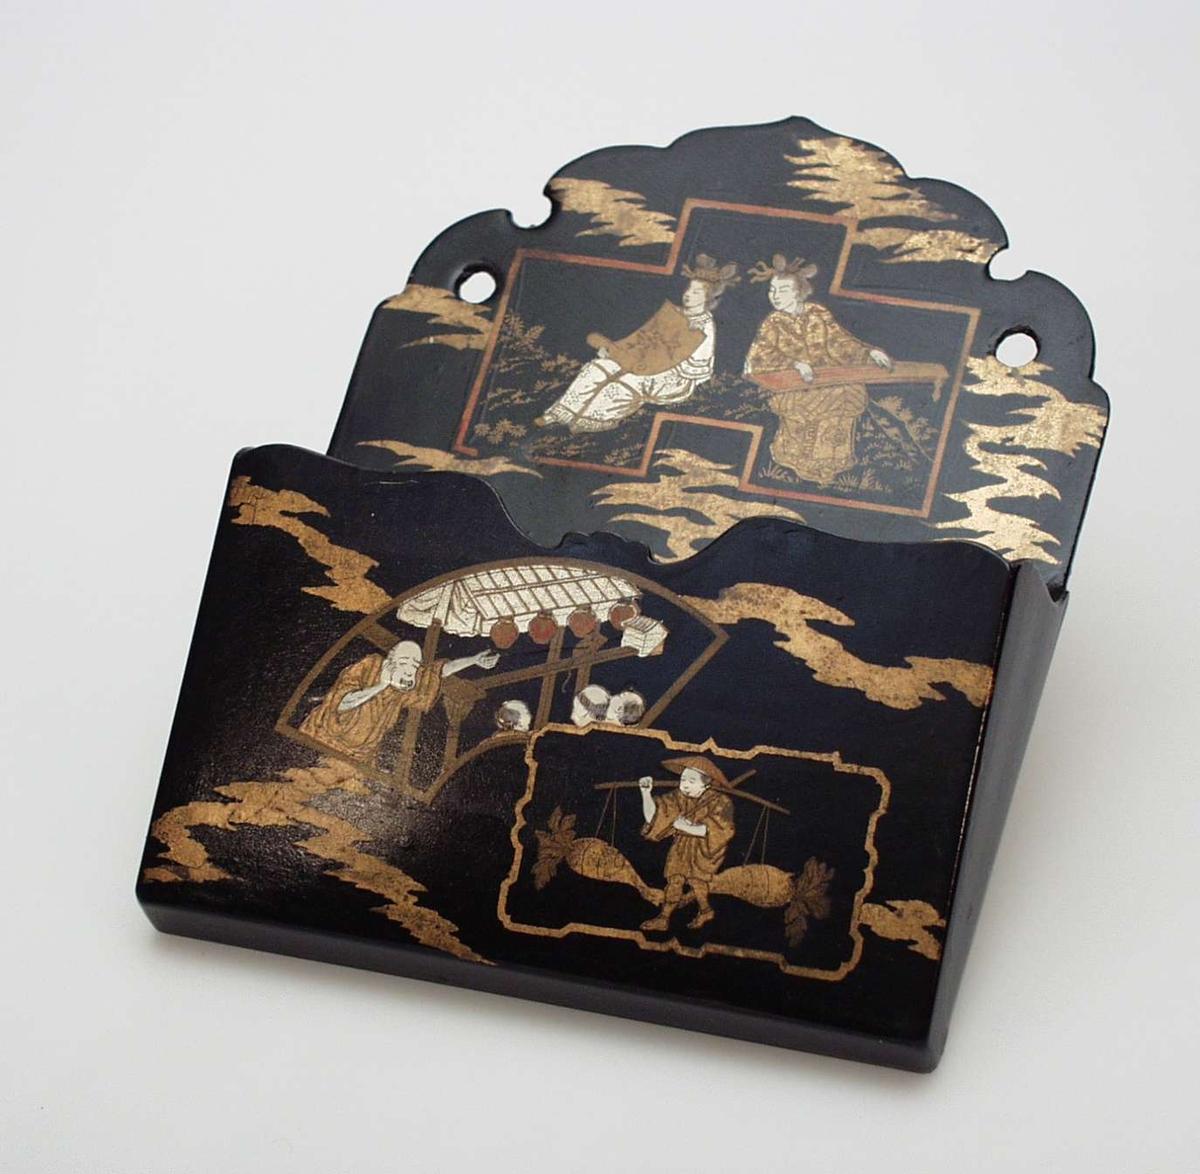 Lakkarbeid dekorert med kinesiske figurer. Utskåret for- og bakstykke, buet kant.